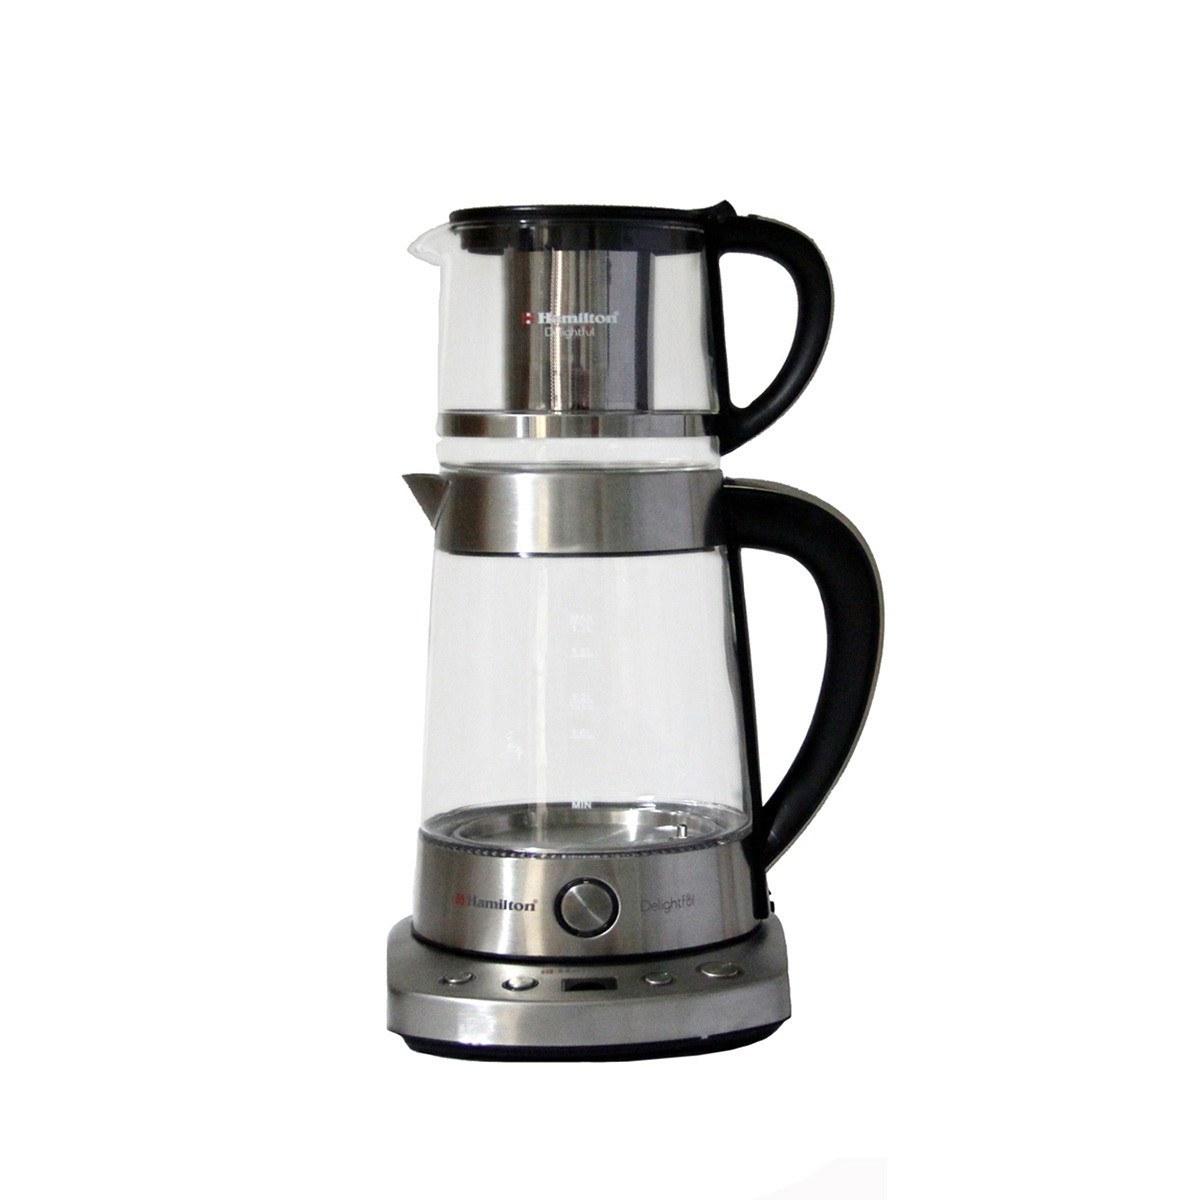 تصویر چای ساز همیلتون مدل Hts-999 Tea Maker Hamilton HTS-999